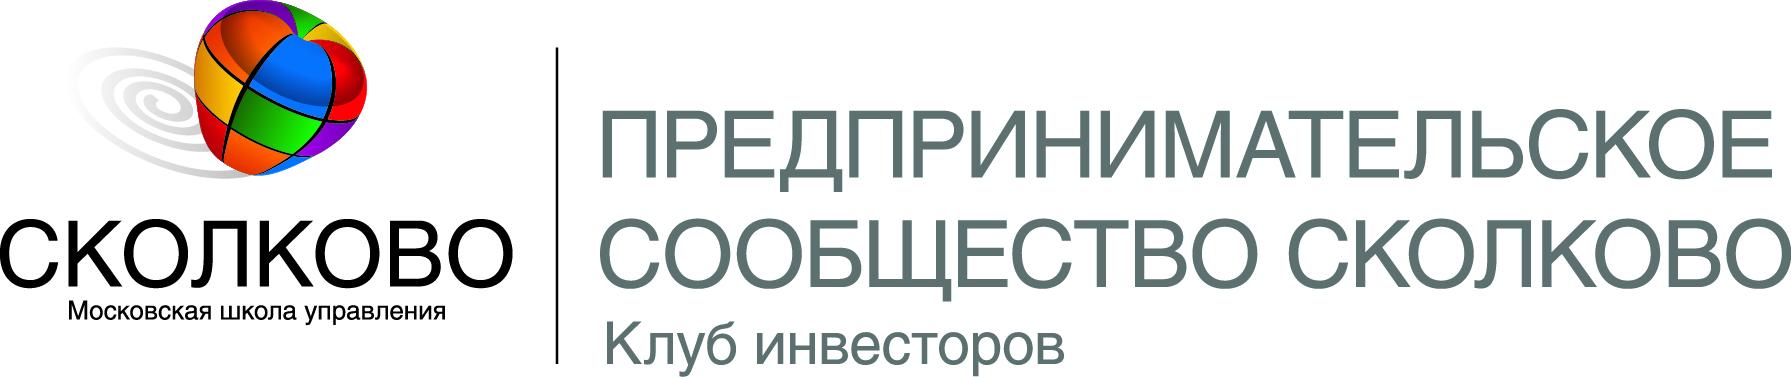 Клуб инвесторов СКОЛКОВО